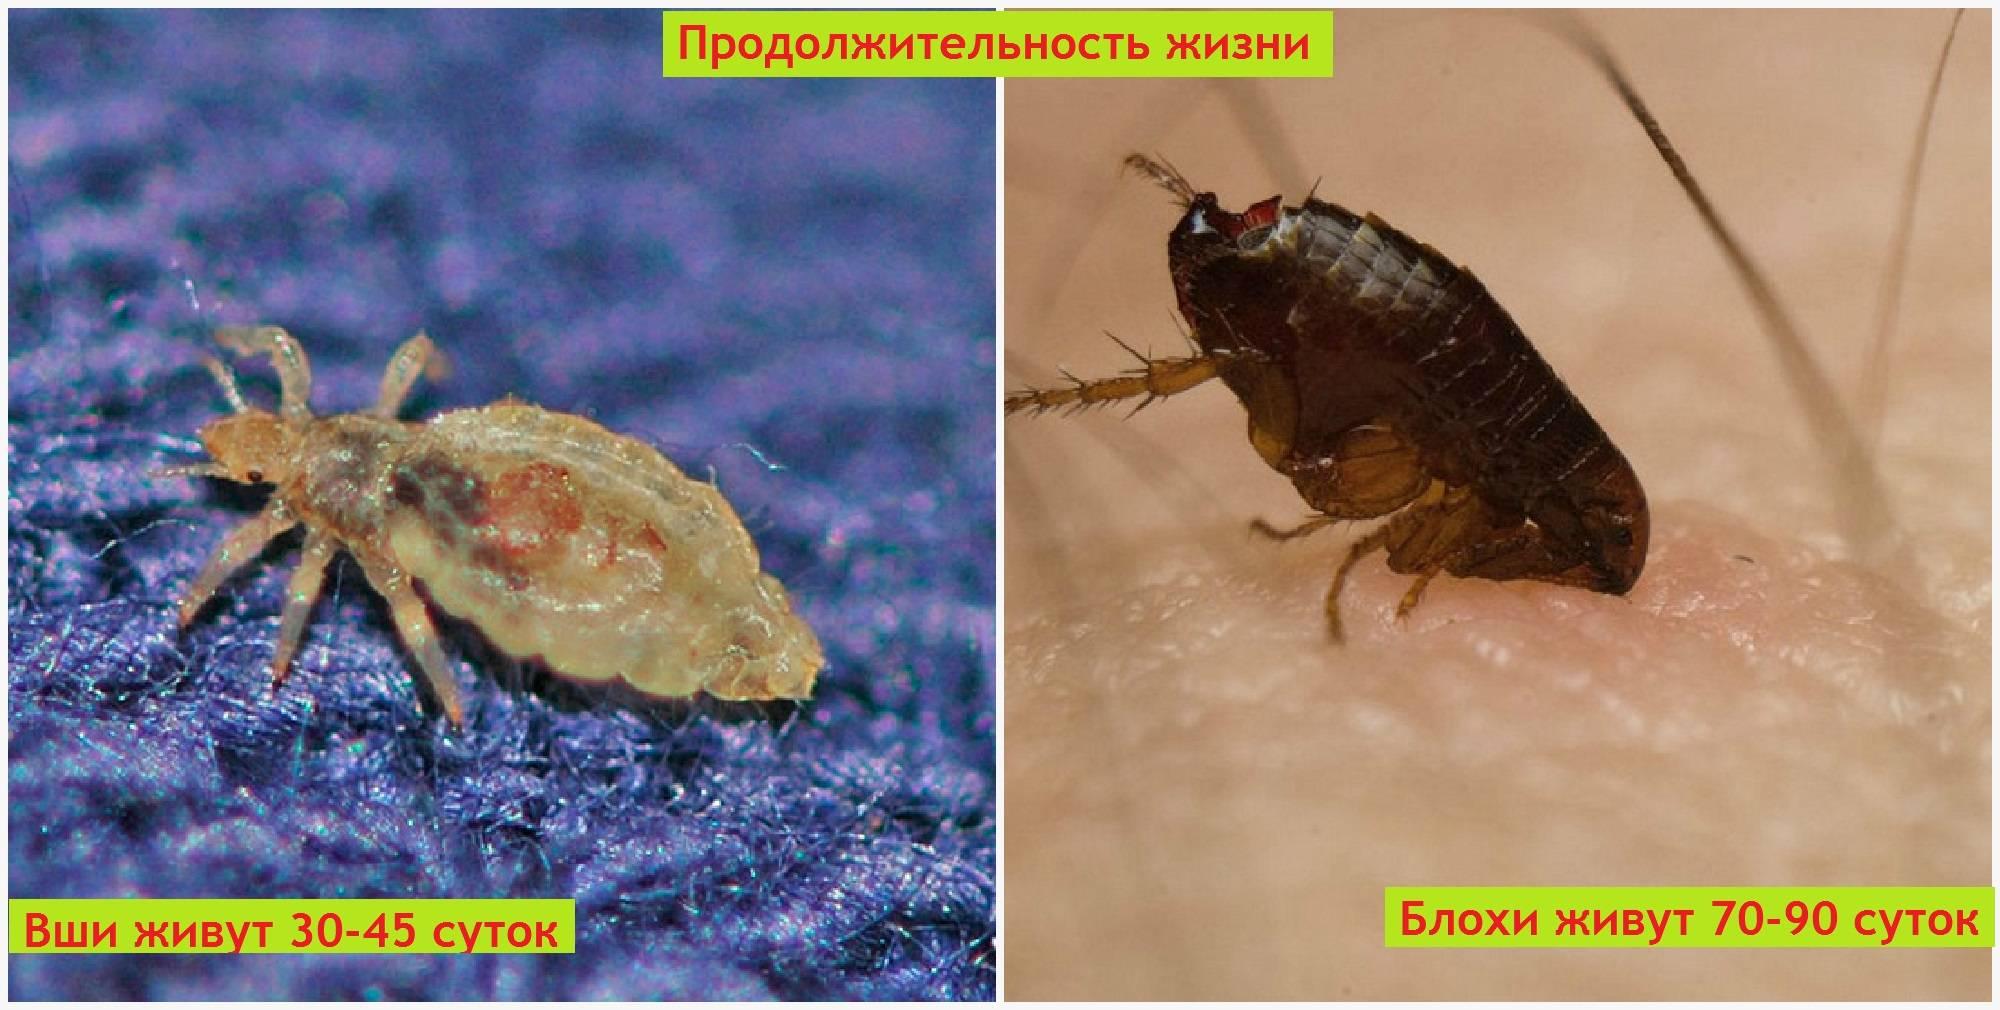 Блохи и вши, фото и характеристика паразитов